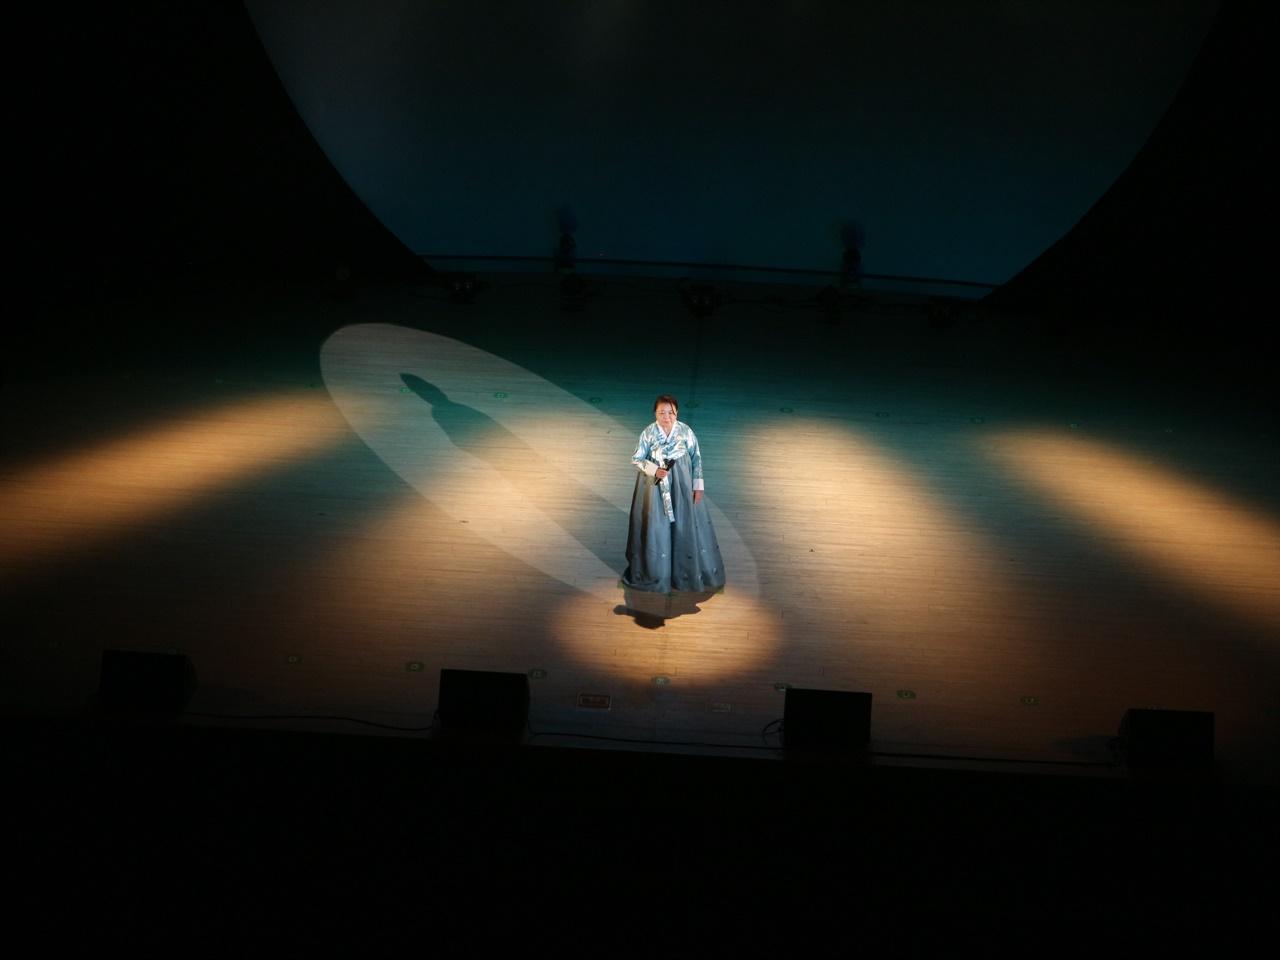 한국 가요 뽐내기 한복을 곱게 차려 입고 무대에 오른 참가자